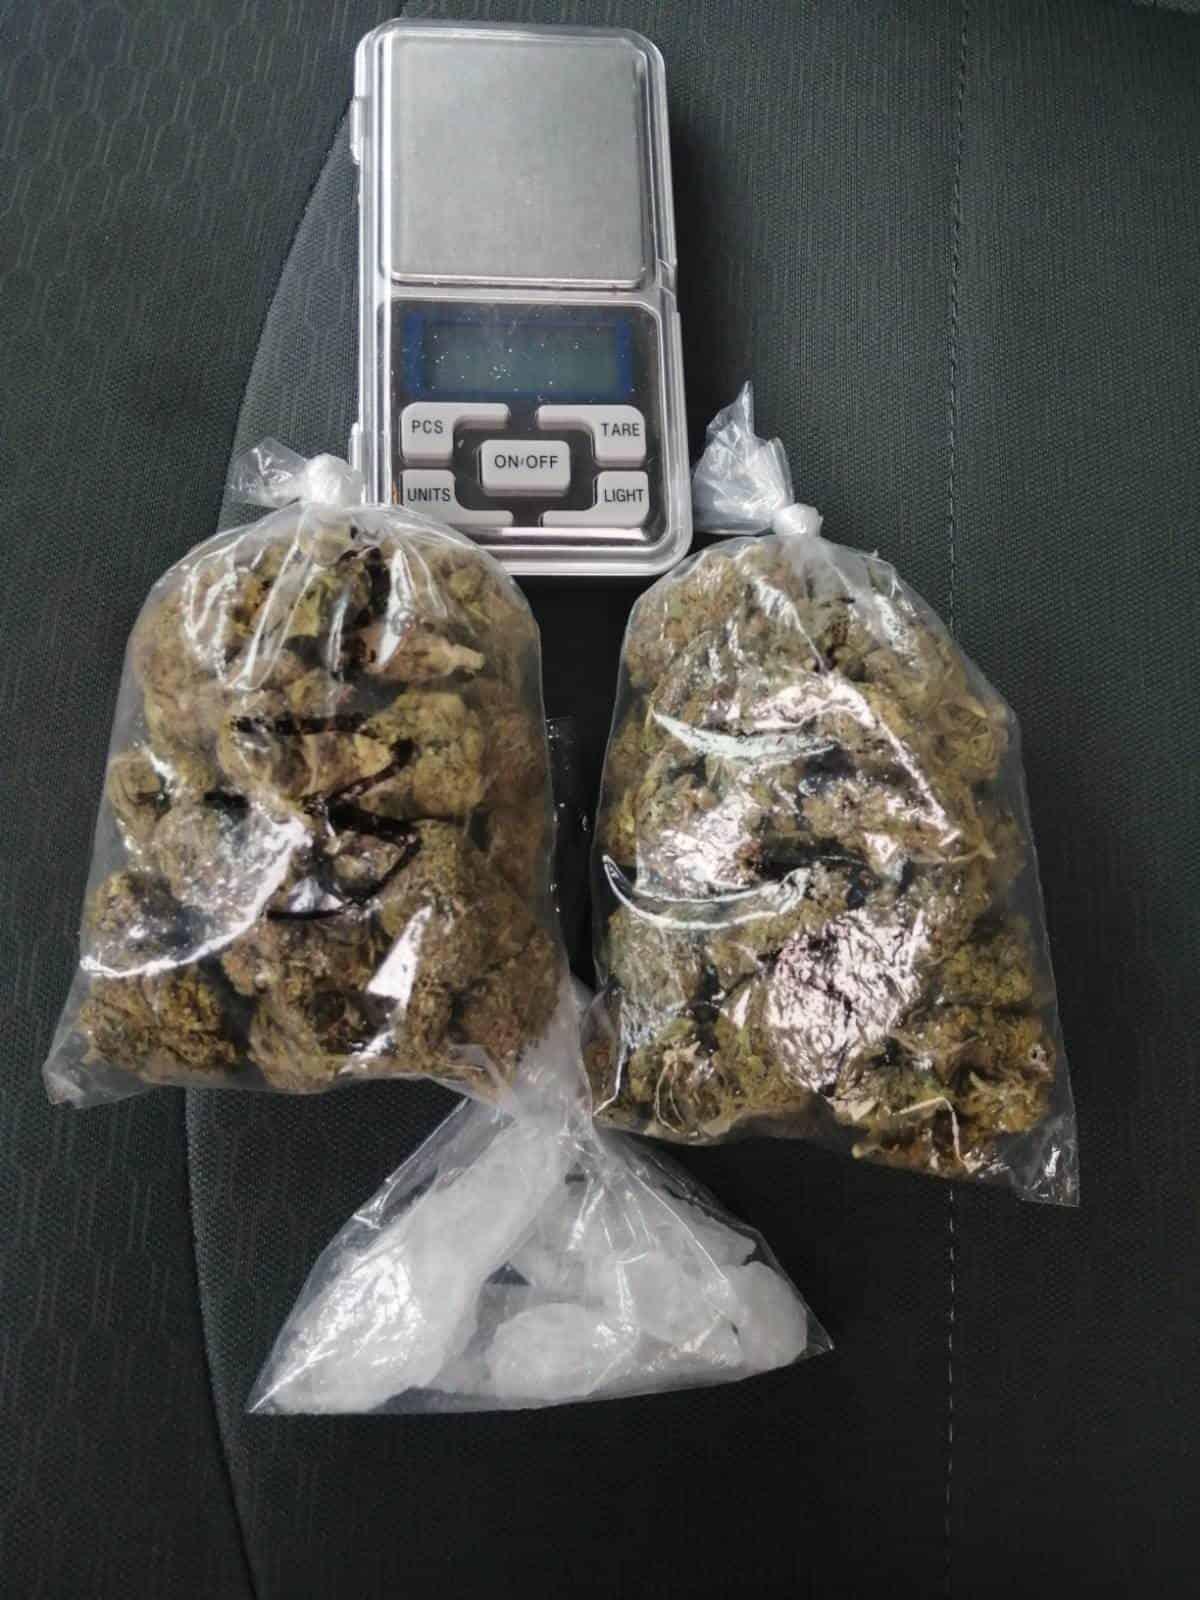 Cuatro hombres fueron detenidos en posesión de droga